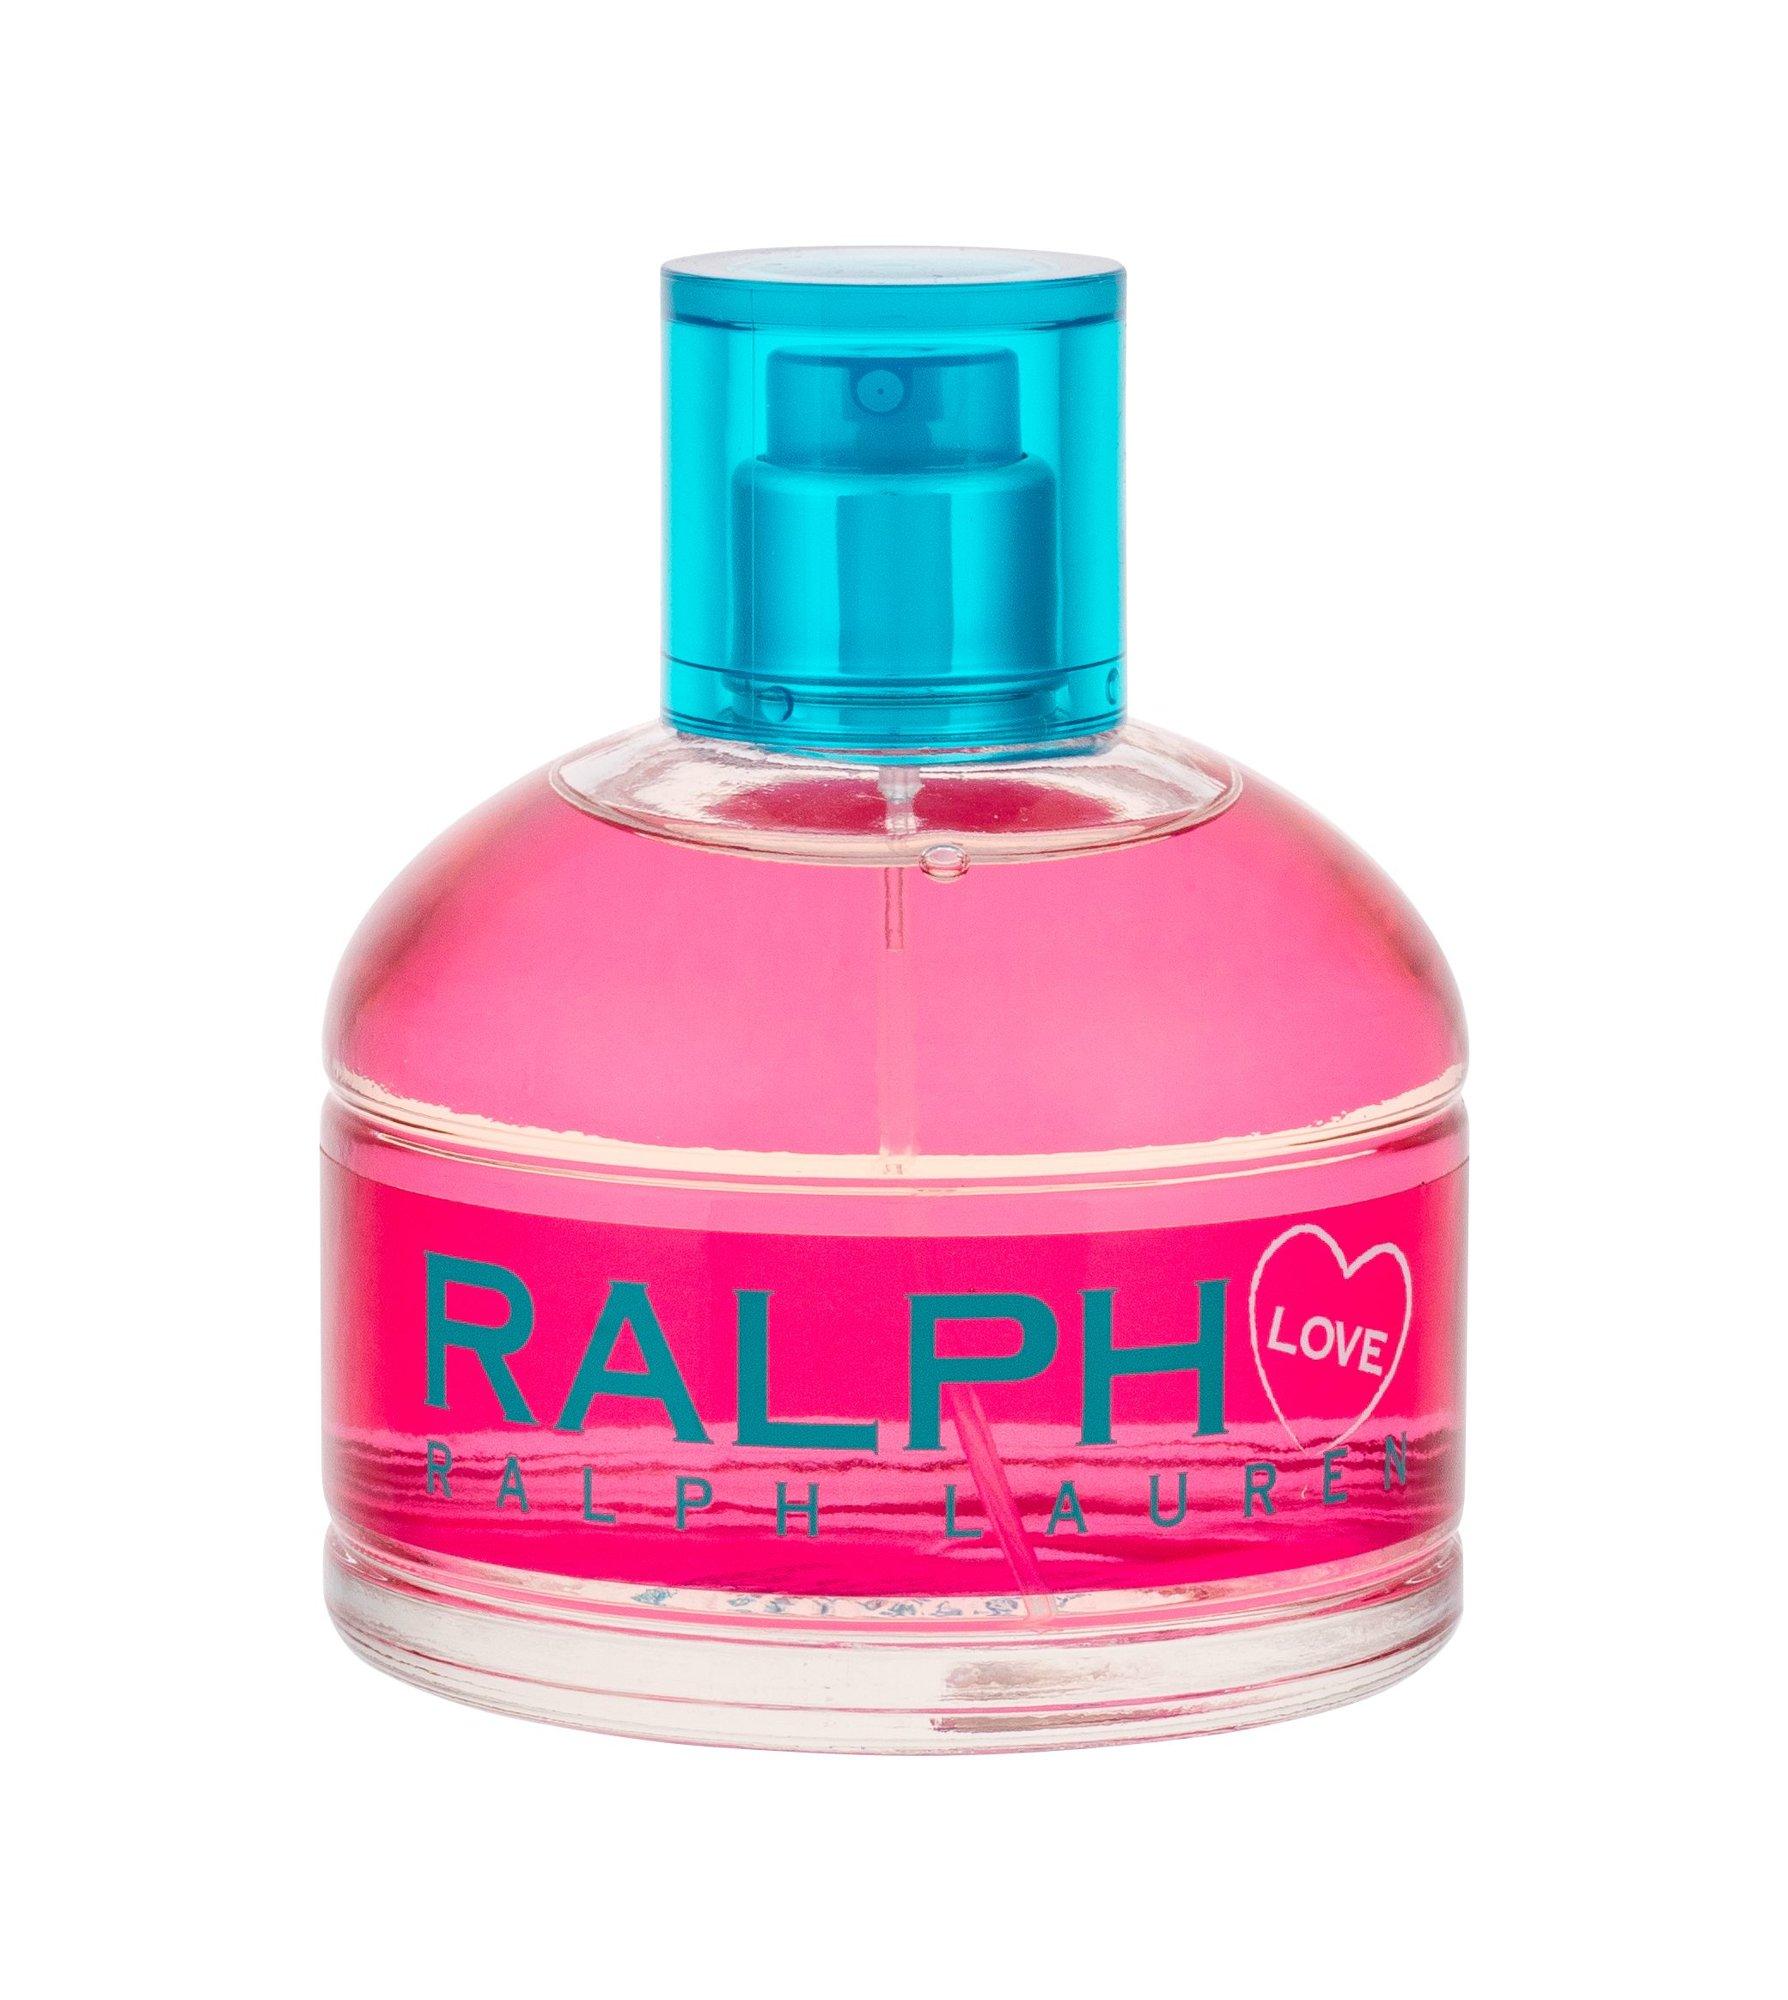 Ralph Lauren Ralph Love, Toaletná voda 100ml